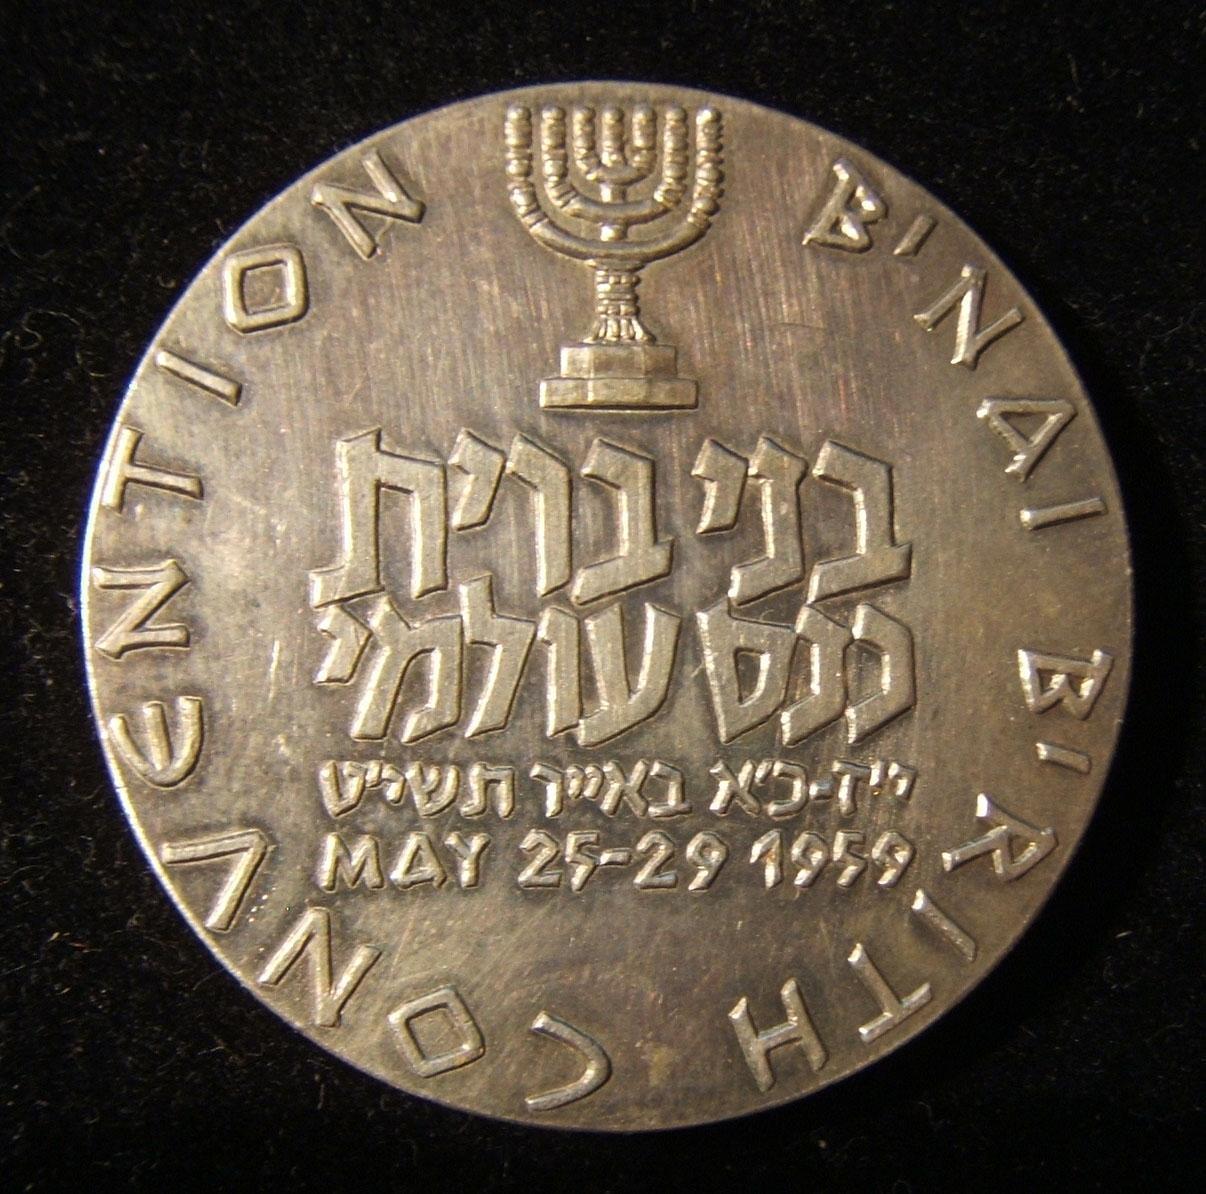 يهودية إسرائيل 1959 B'nai B'rith ميدالية الاتفاقية في الفضة 1961 من قبل تسفي ناركيس